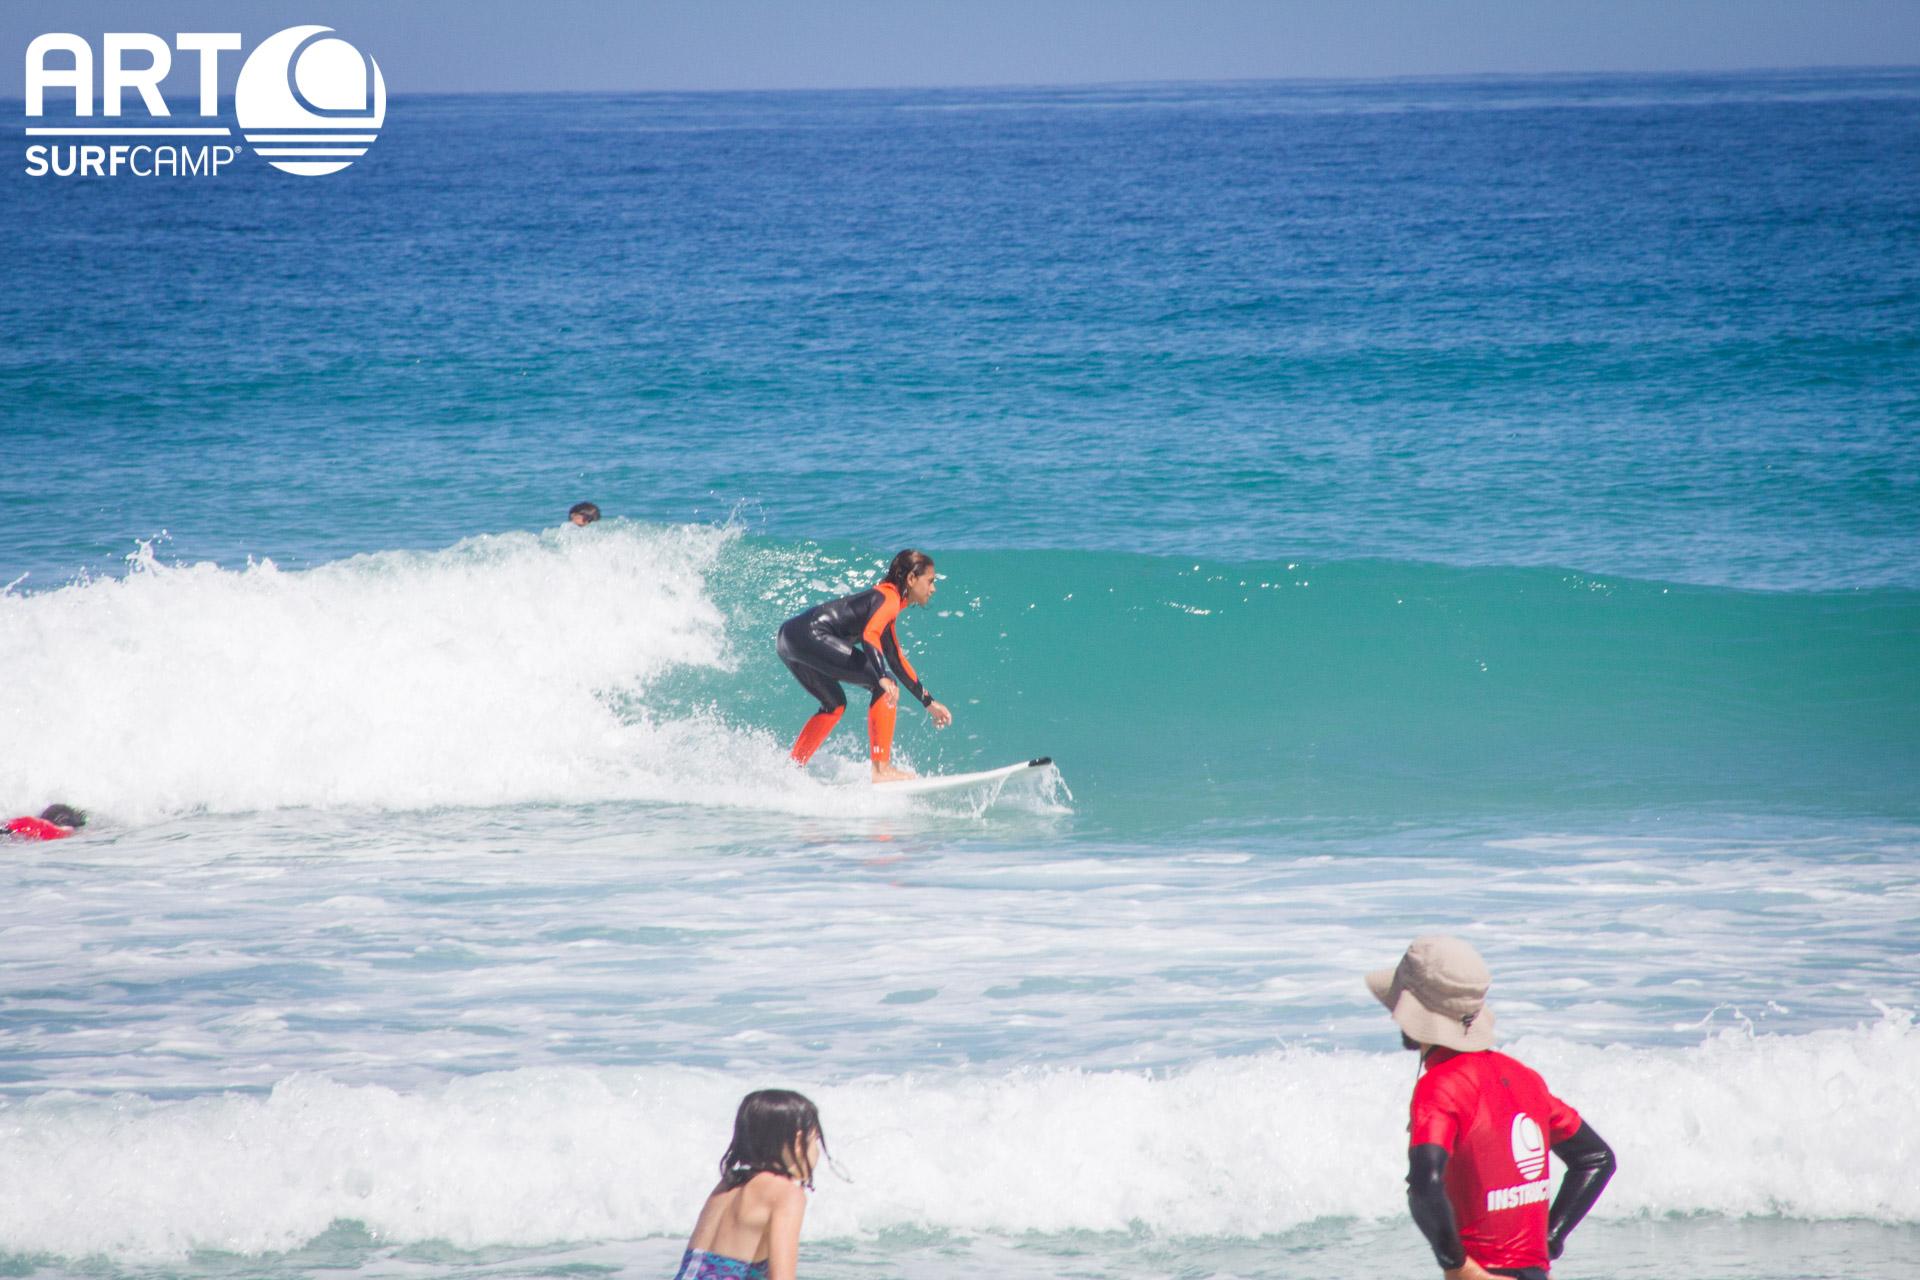 Cómo Se Mide La Altura De Una Ola En El Surf